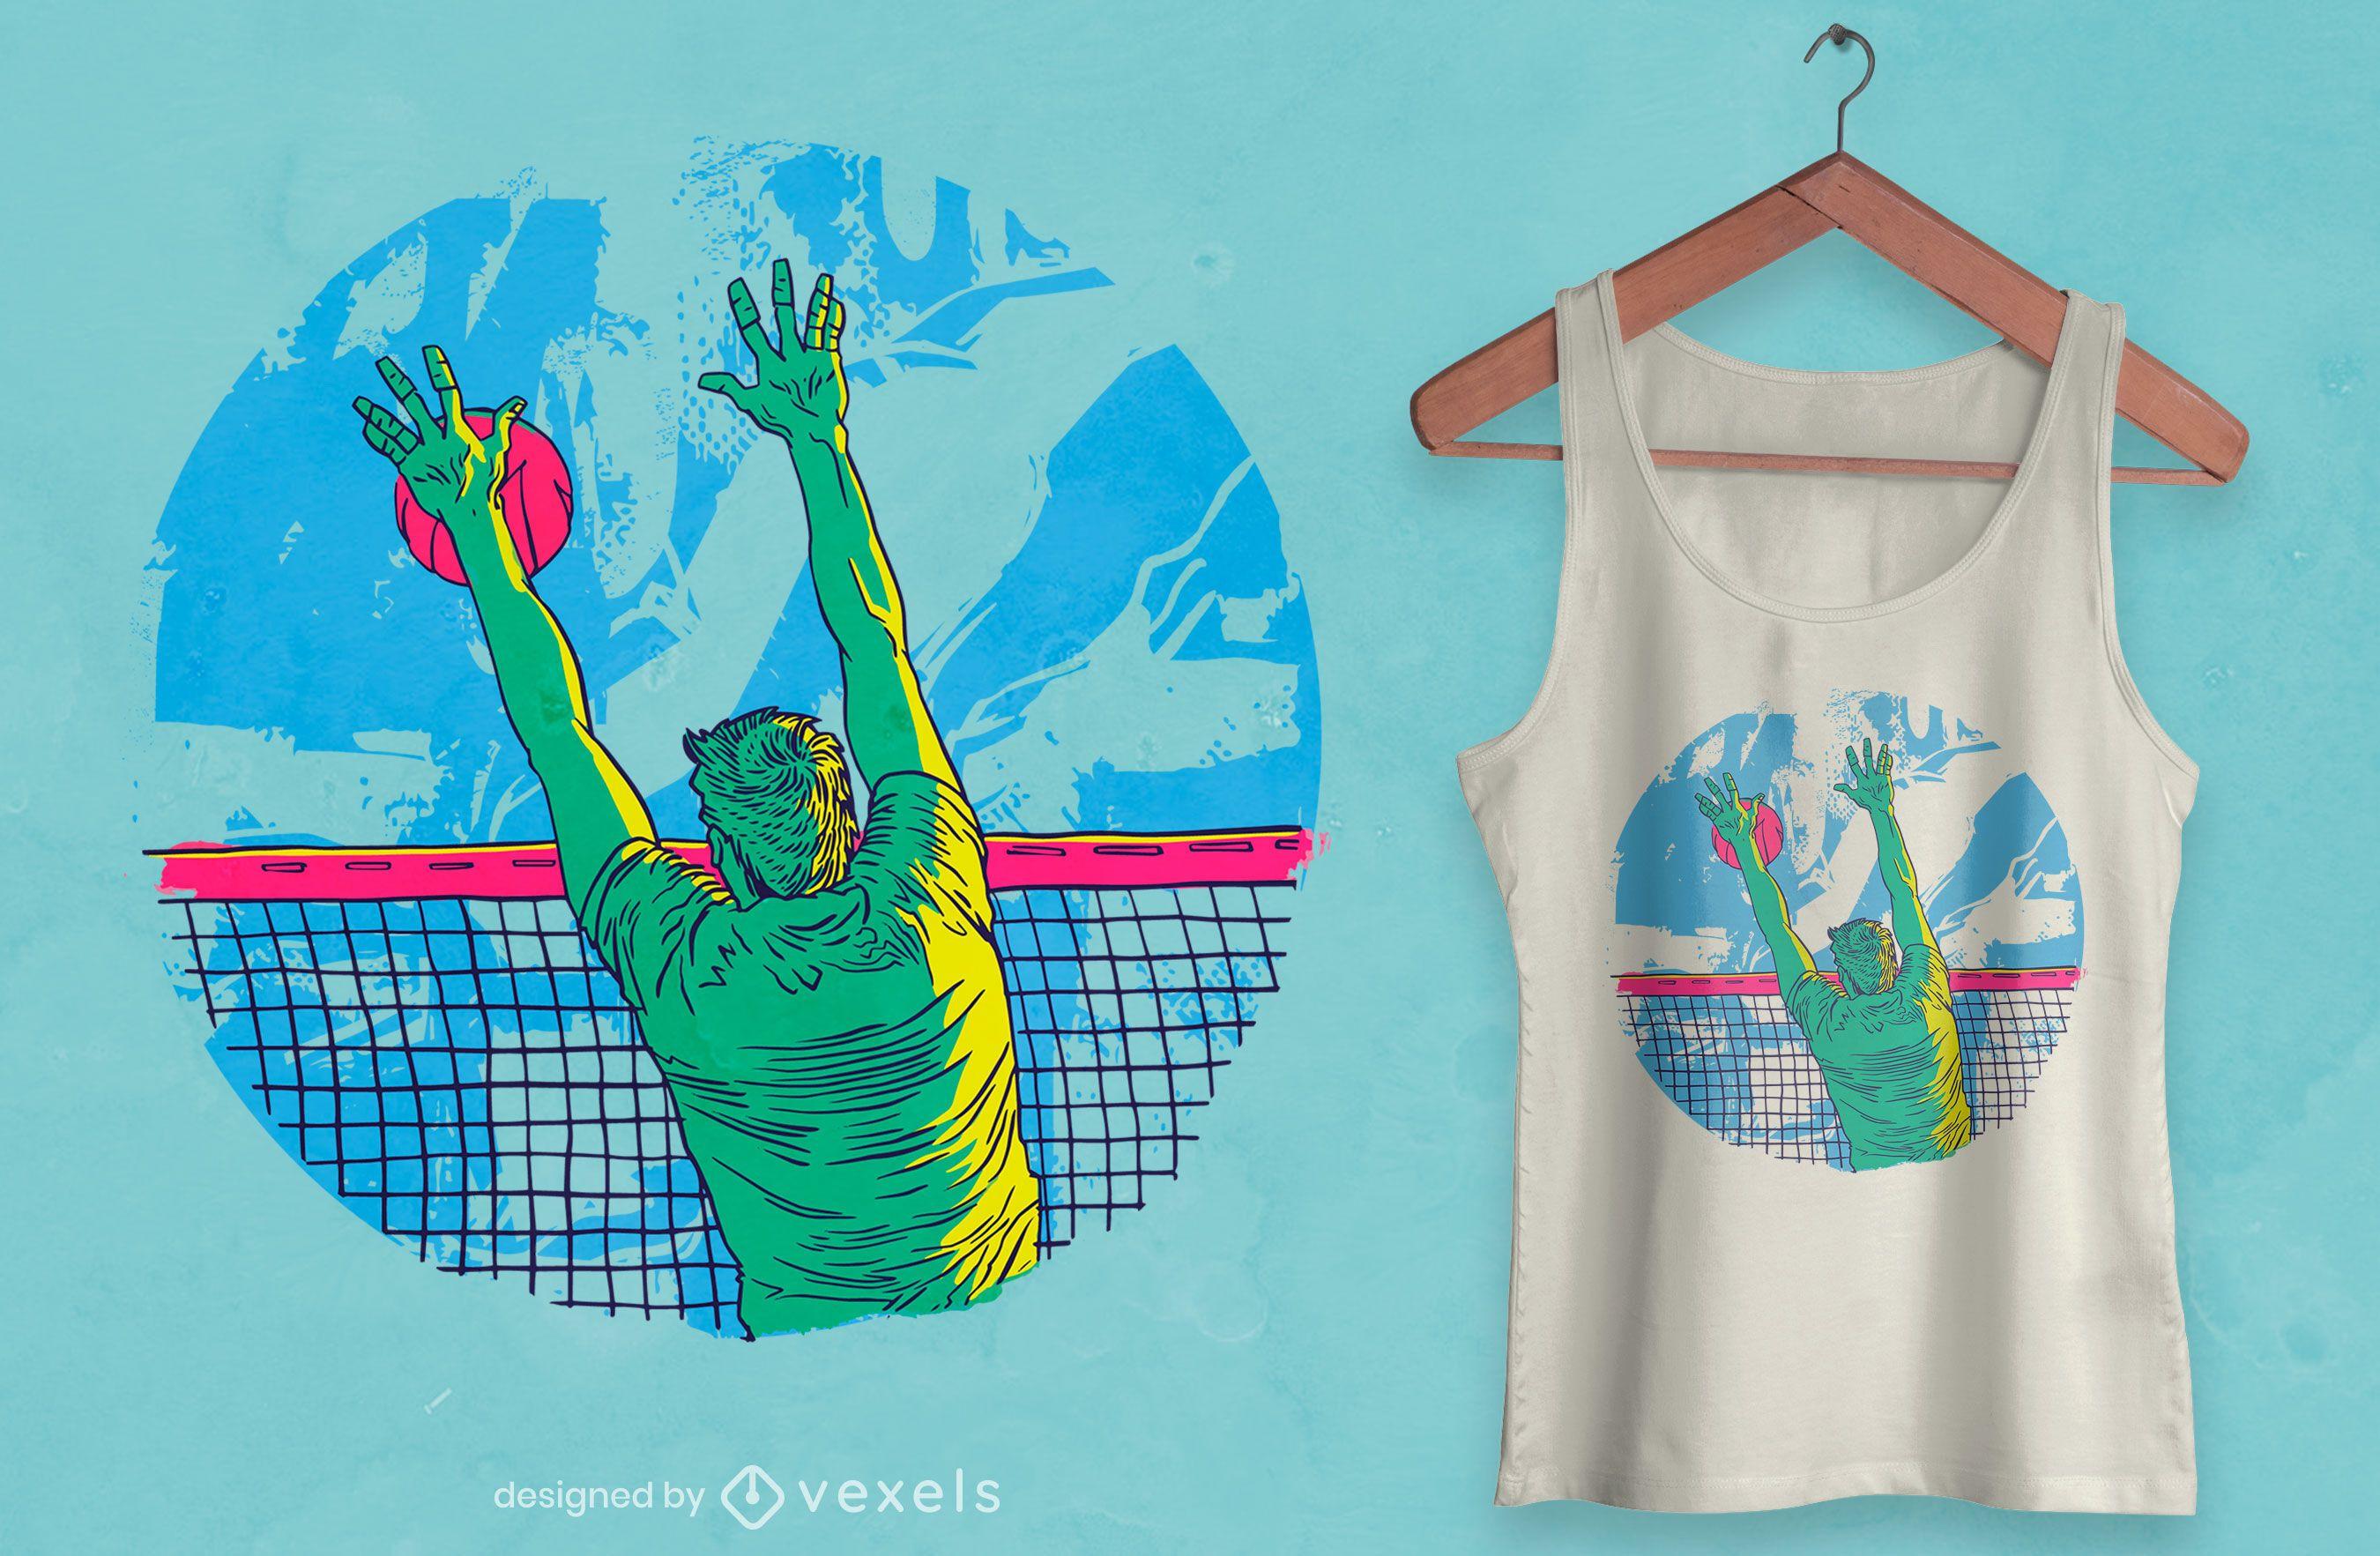 Diseño de camiseta deportiva de jugador de voleibol.